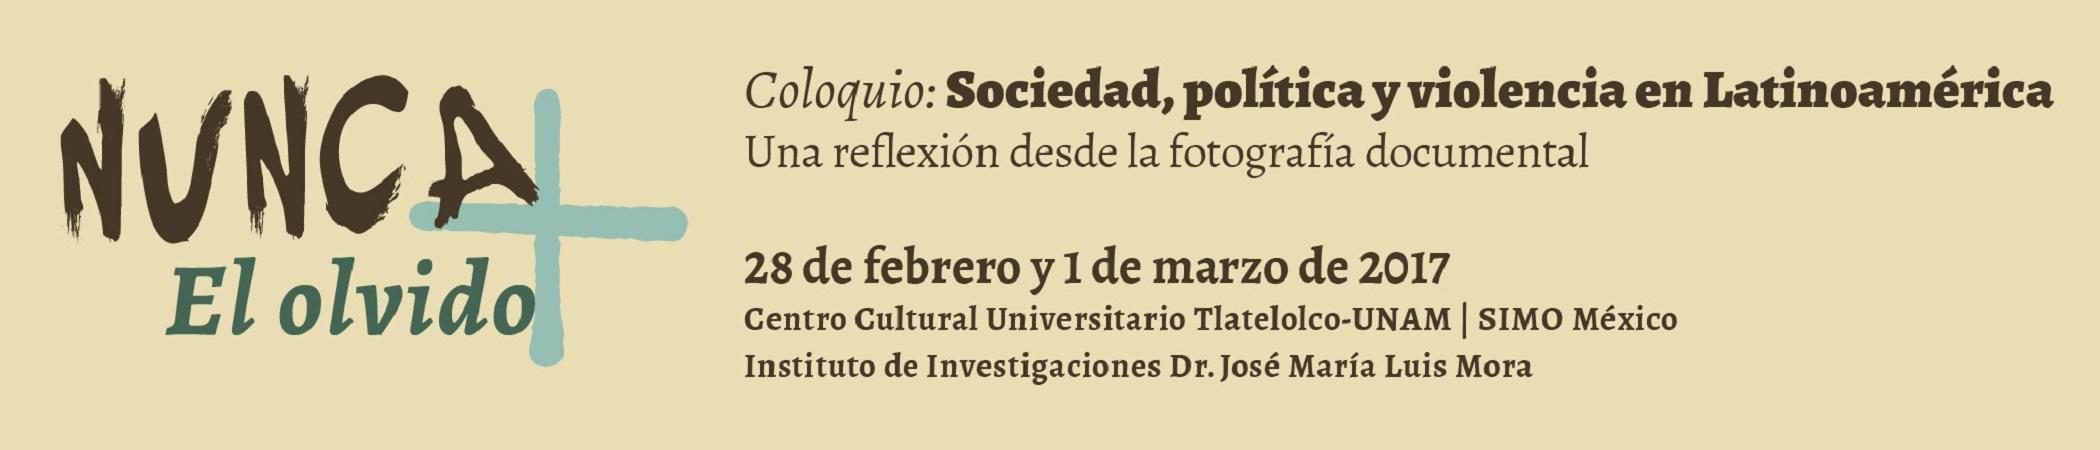 Coloquio Sociedad, política y violencia en Latinoamérica